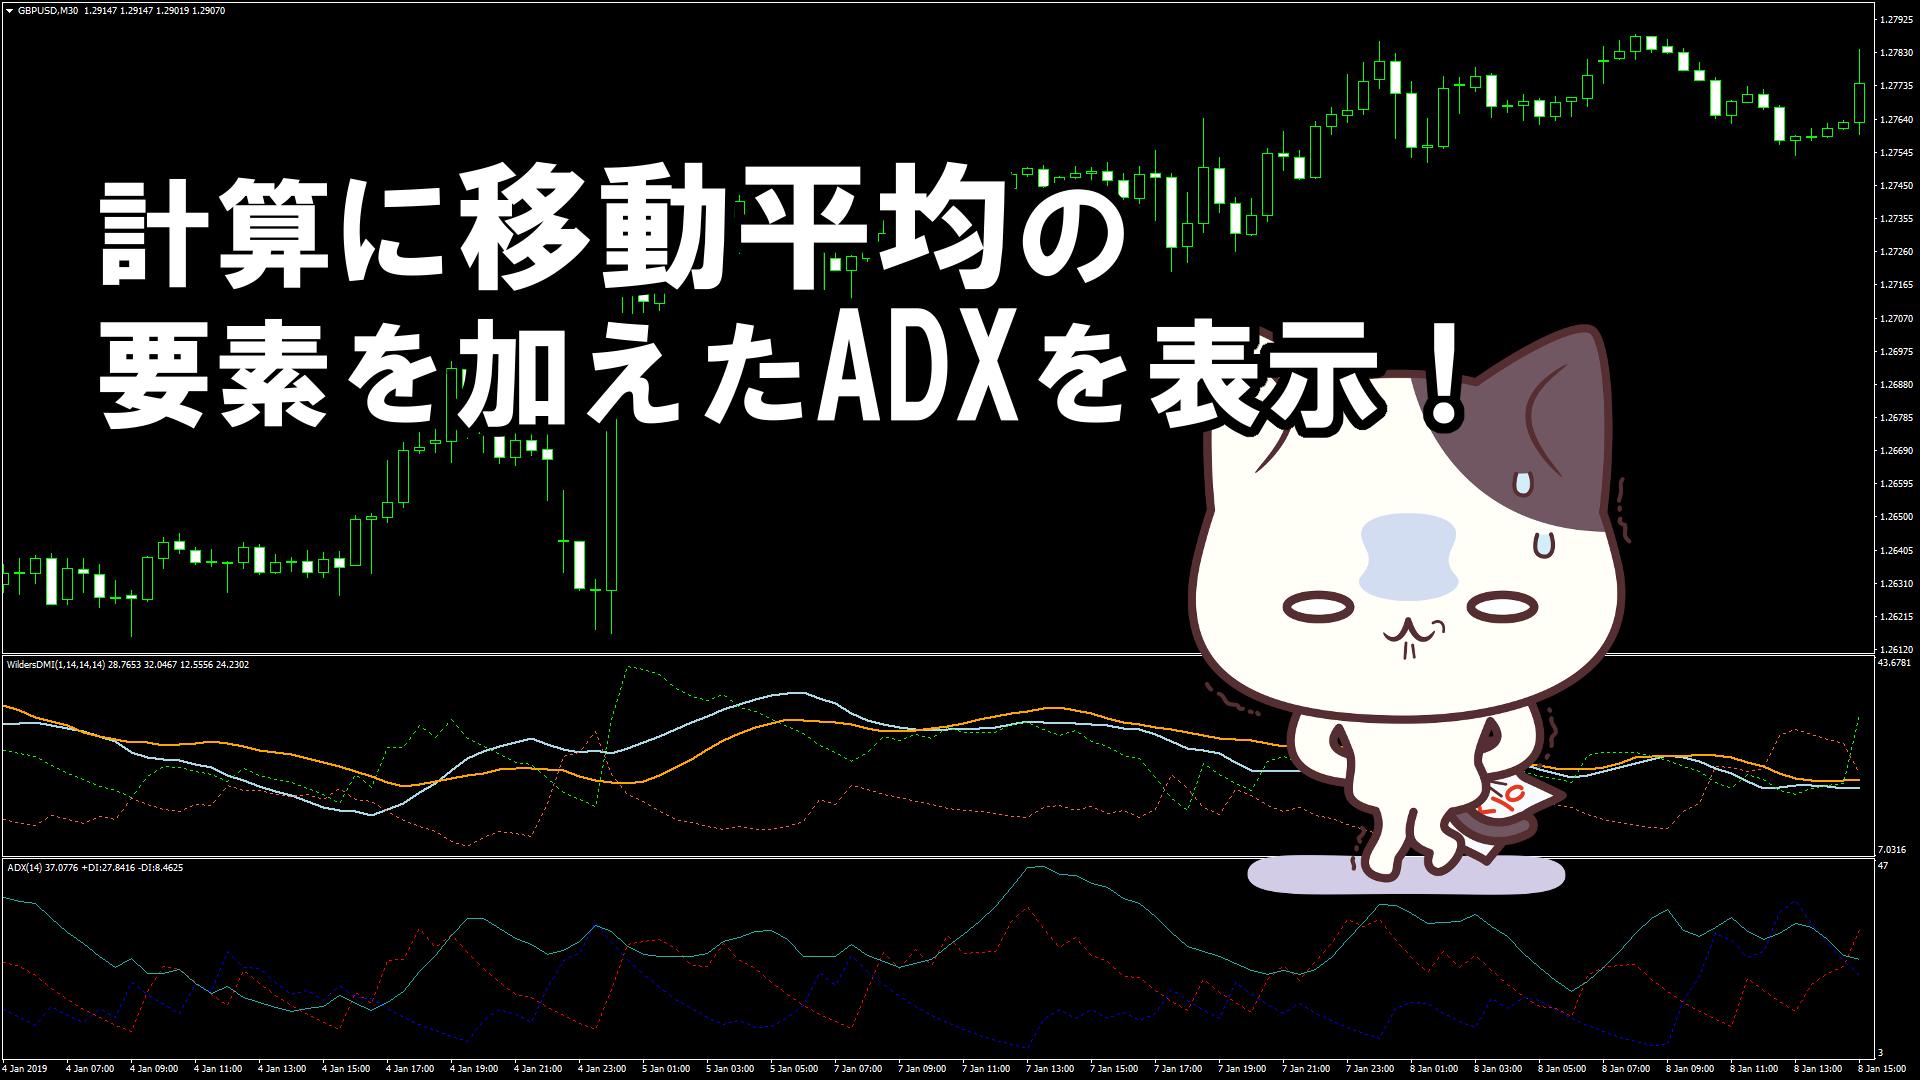 計算に移動平均の要素を加えたADXを表示するMT4インジケーター『ADX_WildersDMI_v1m』